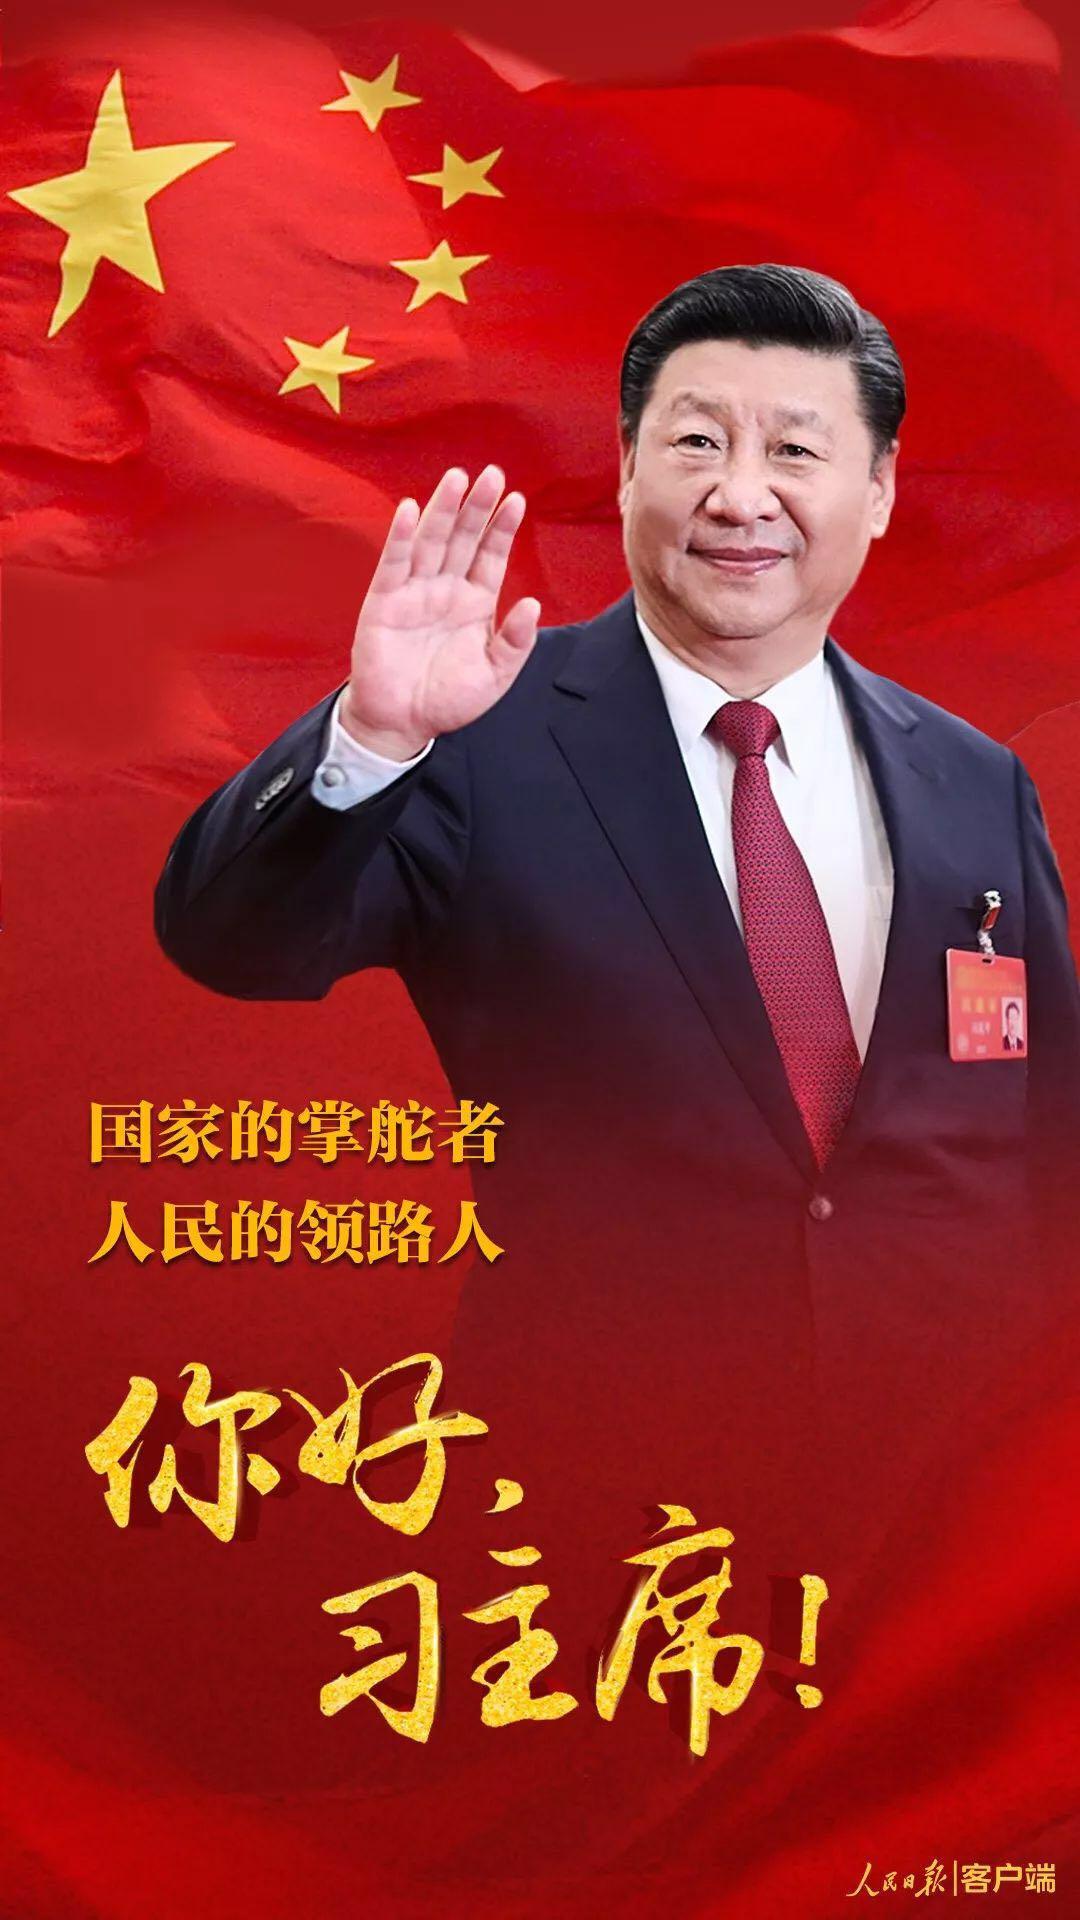 www.22gvb.com习近平全票当选为国家主席、中央军委主席